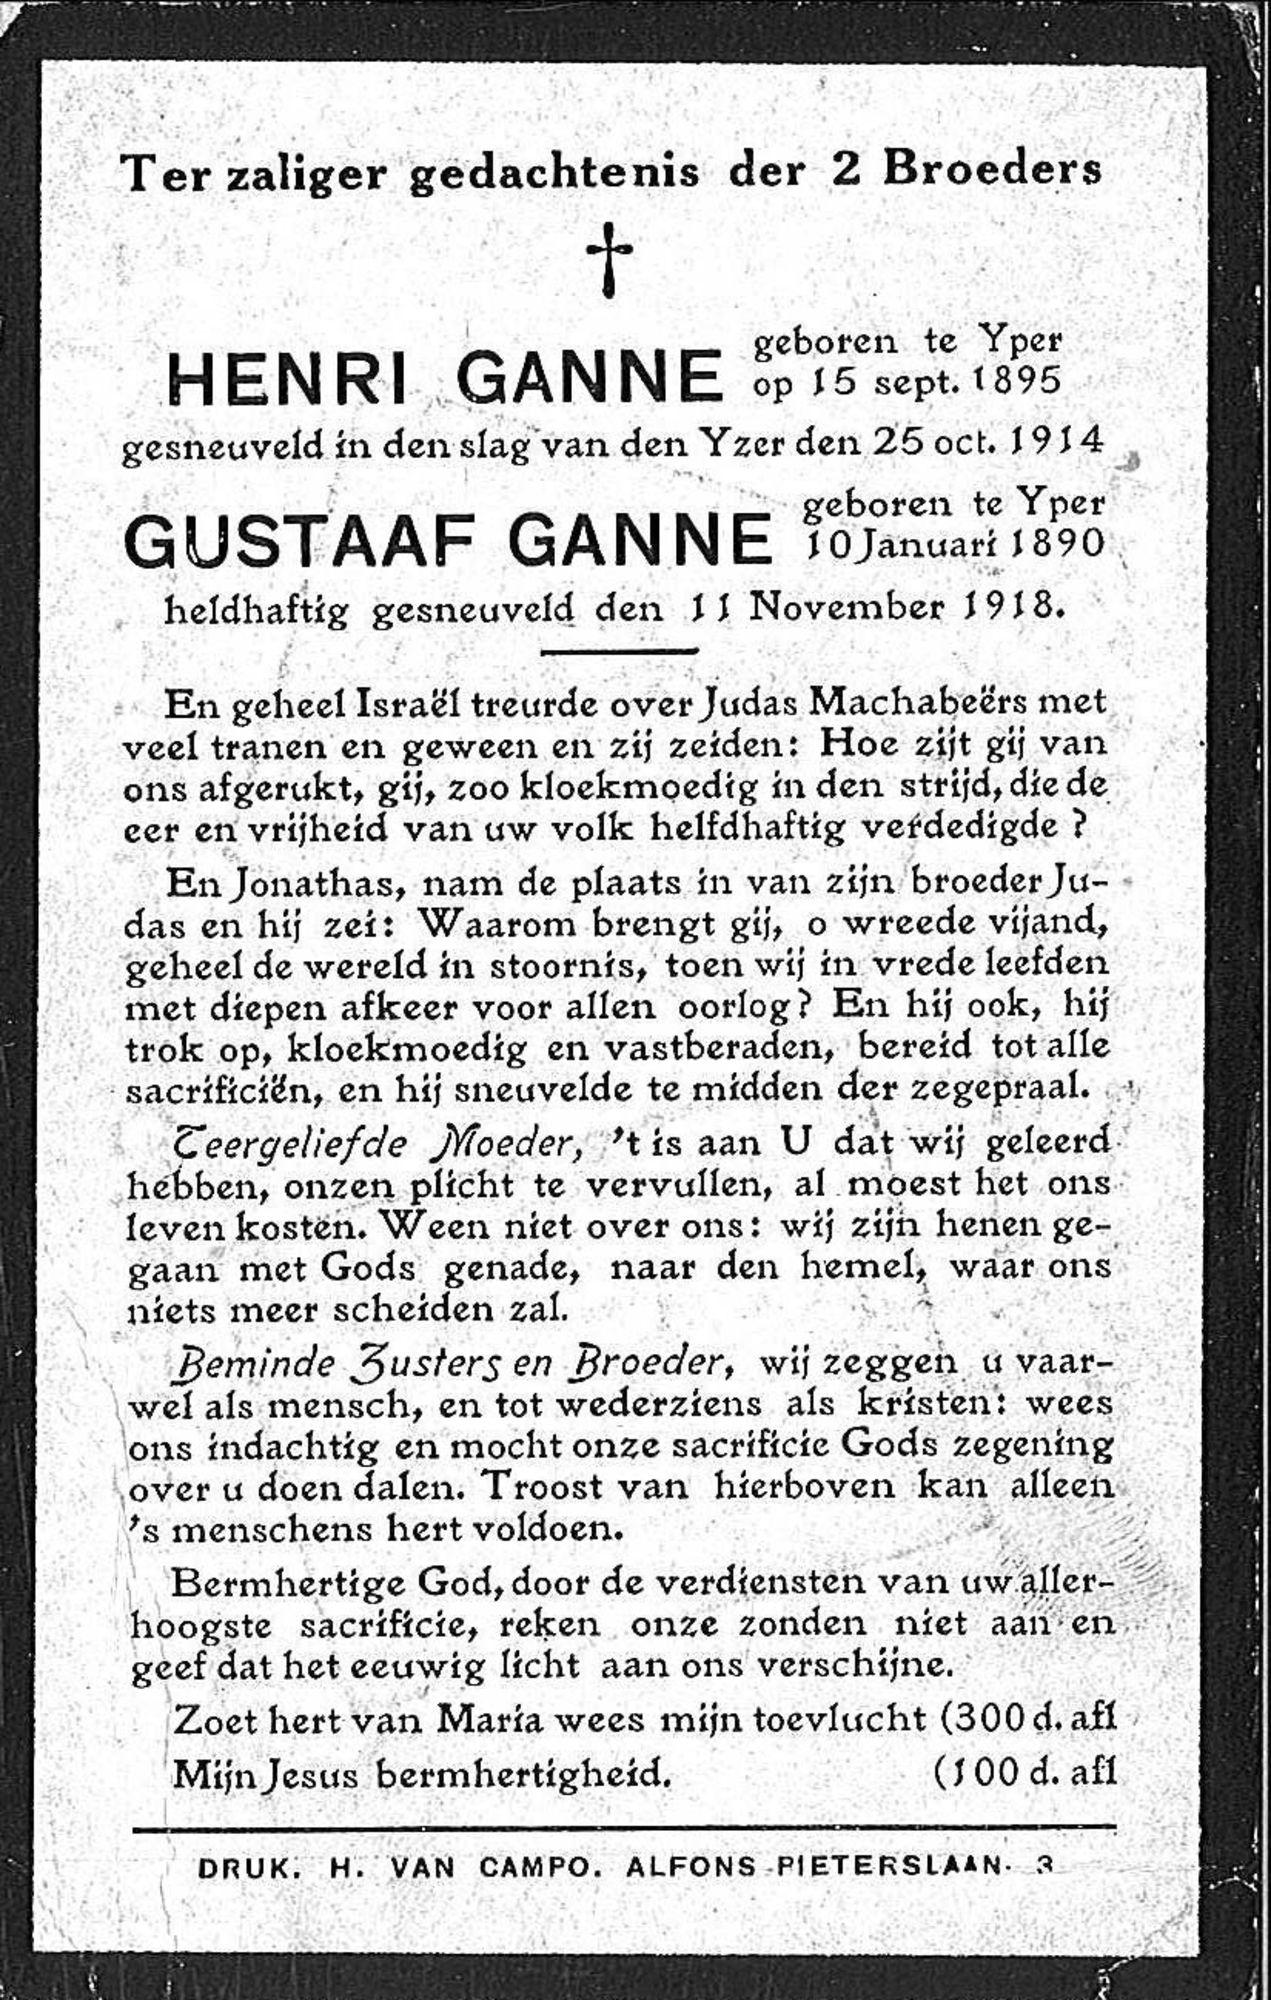 Gustaaf Ganne